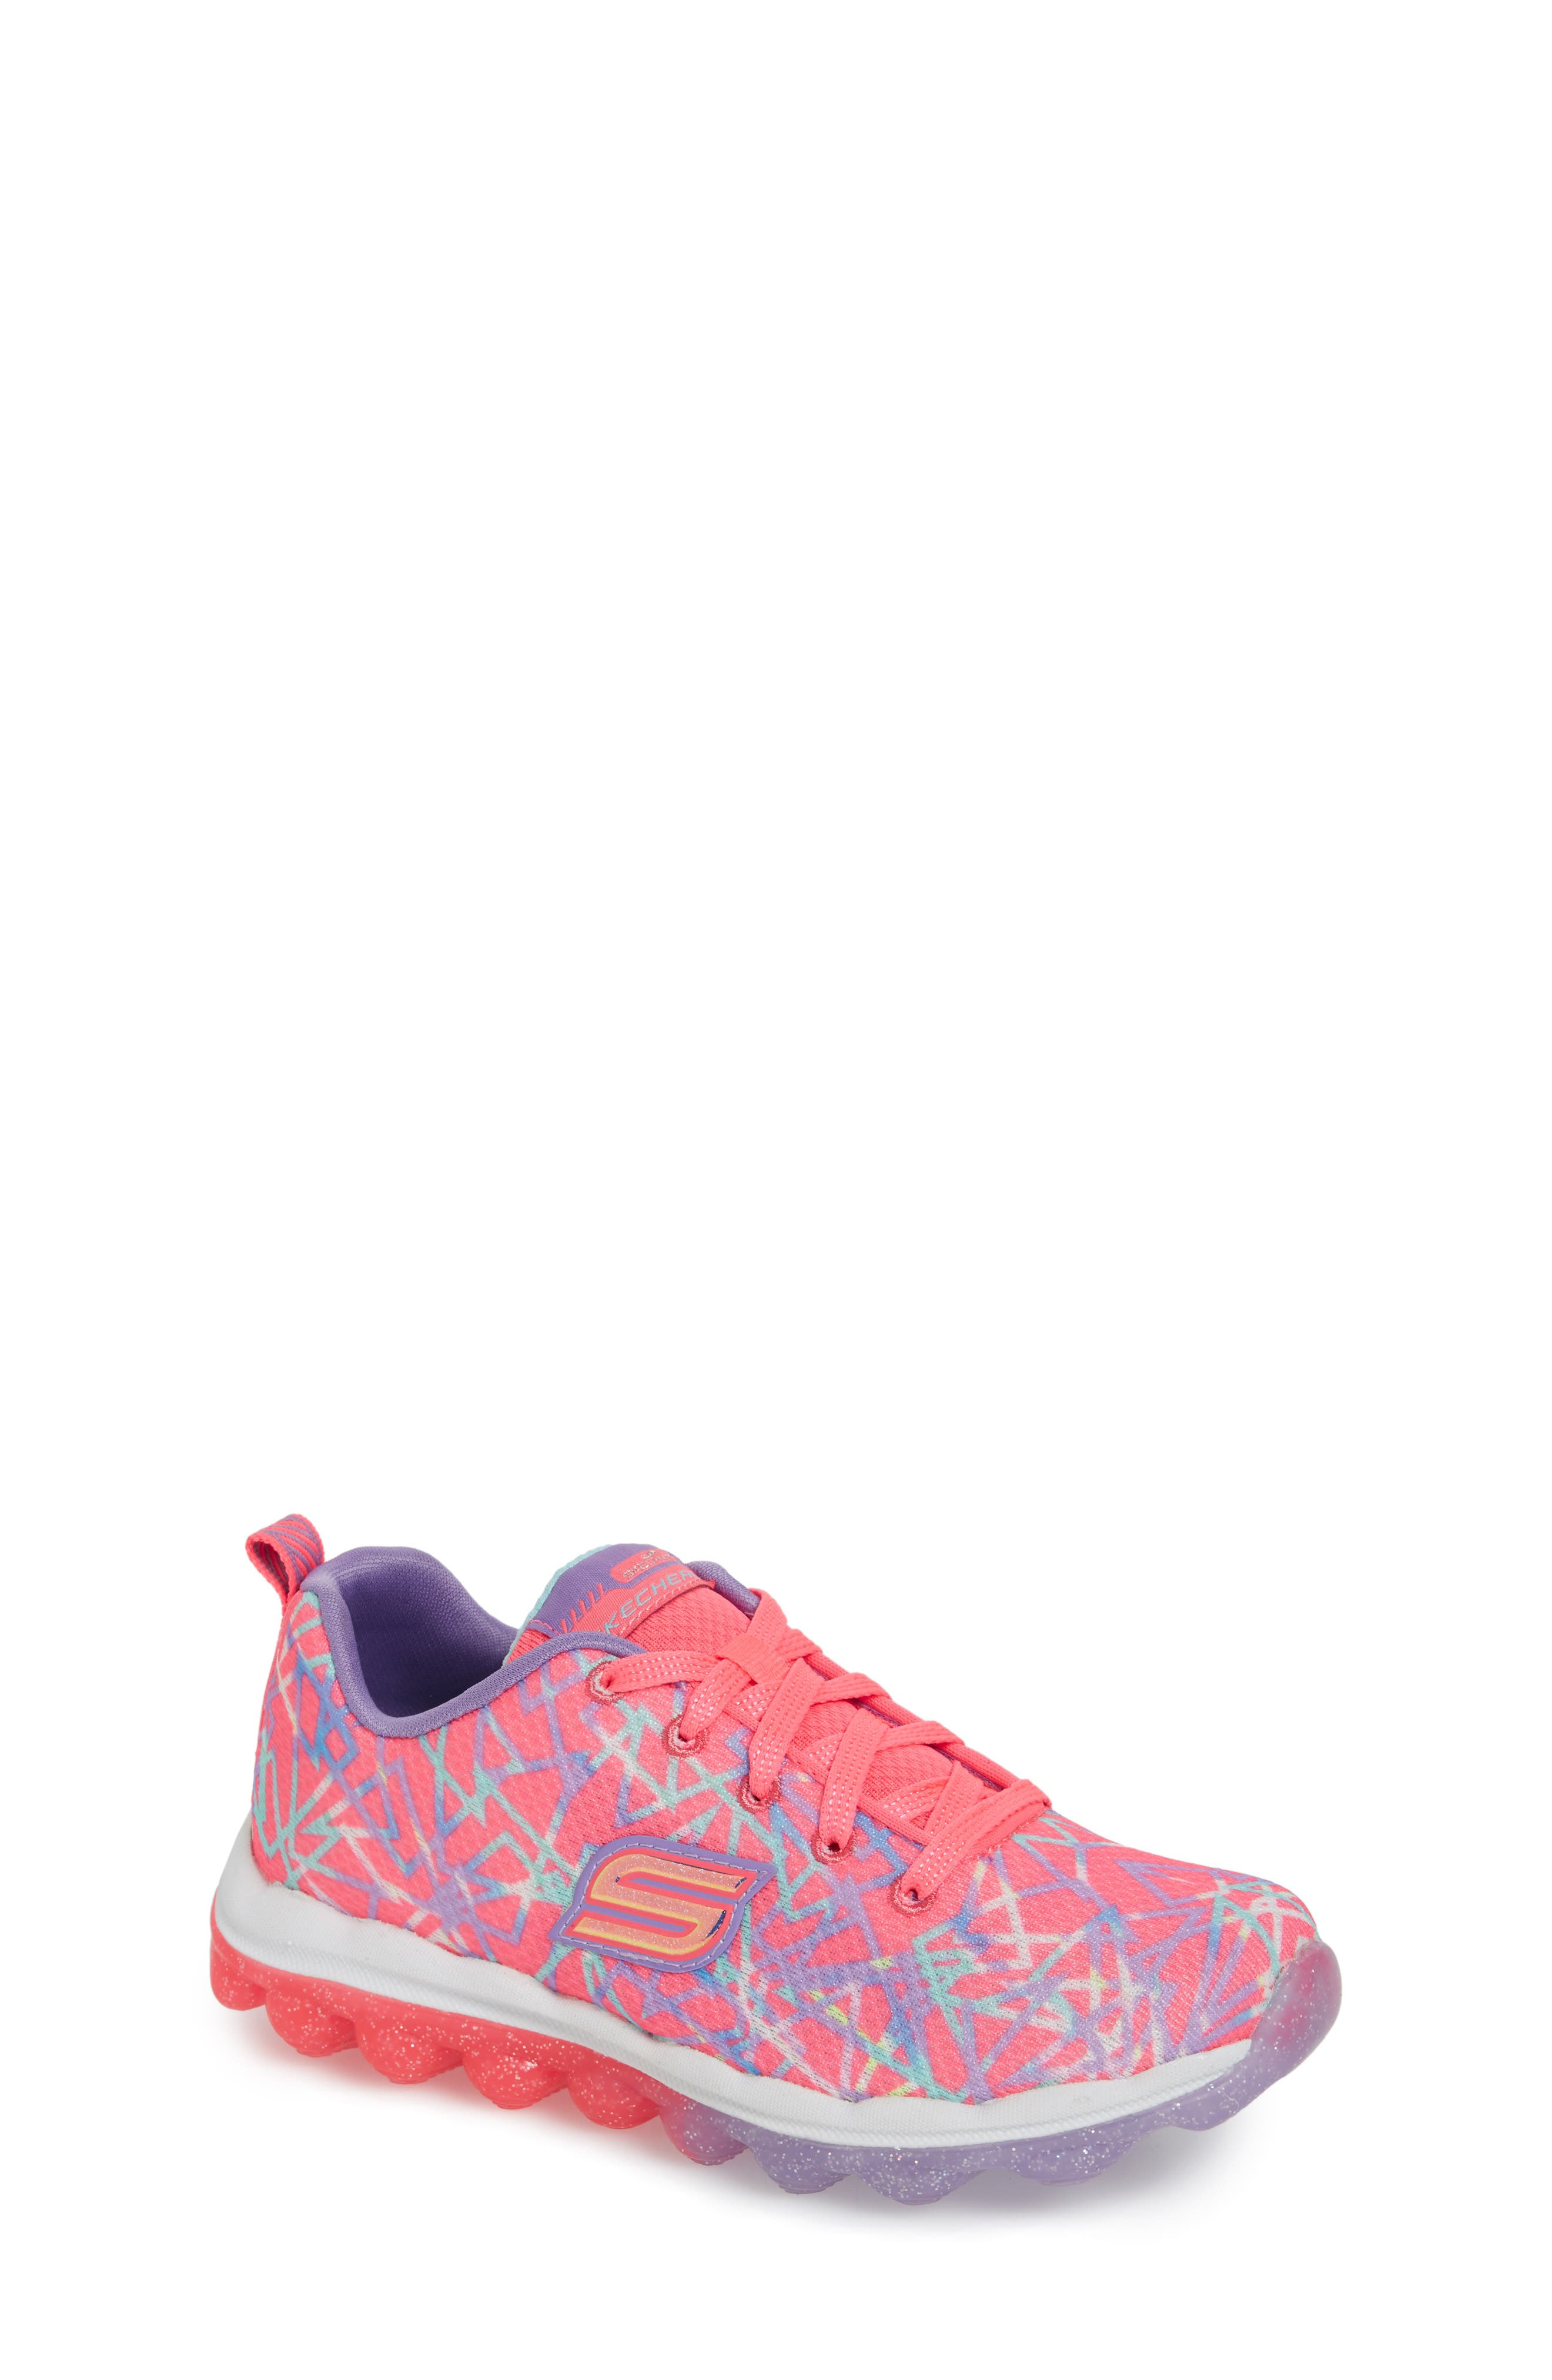 Skech-Air Sneaker,                         Main,                         color, Pink